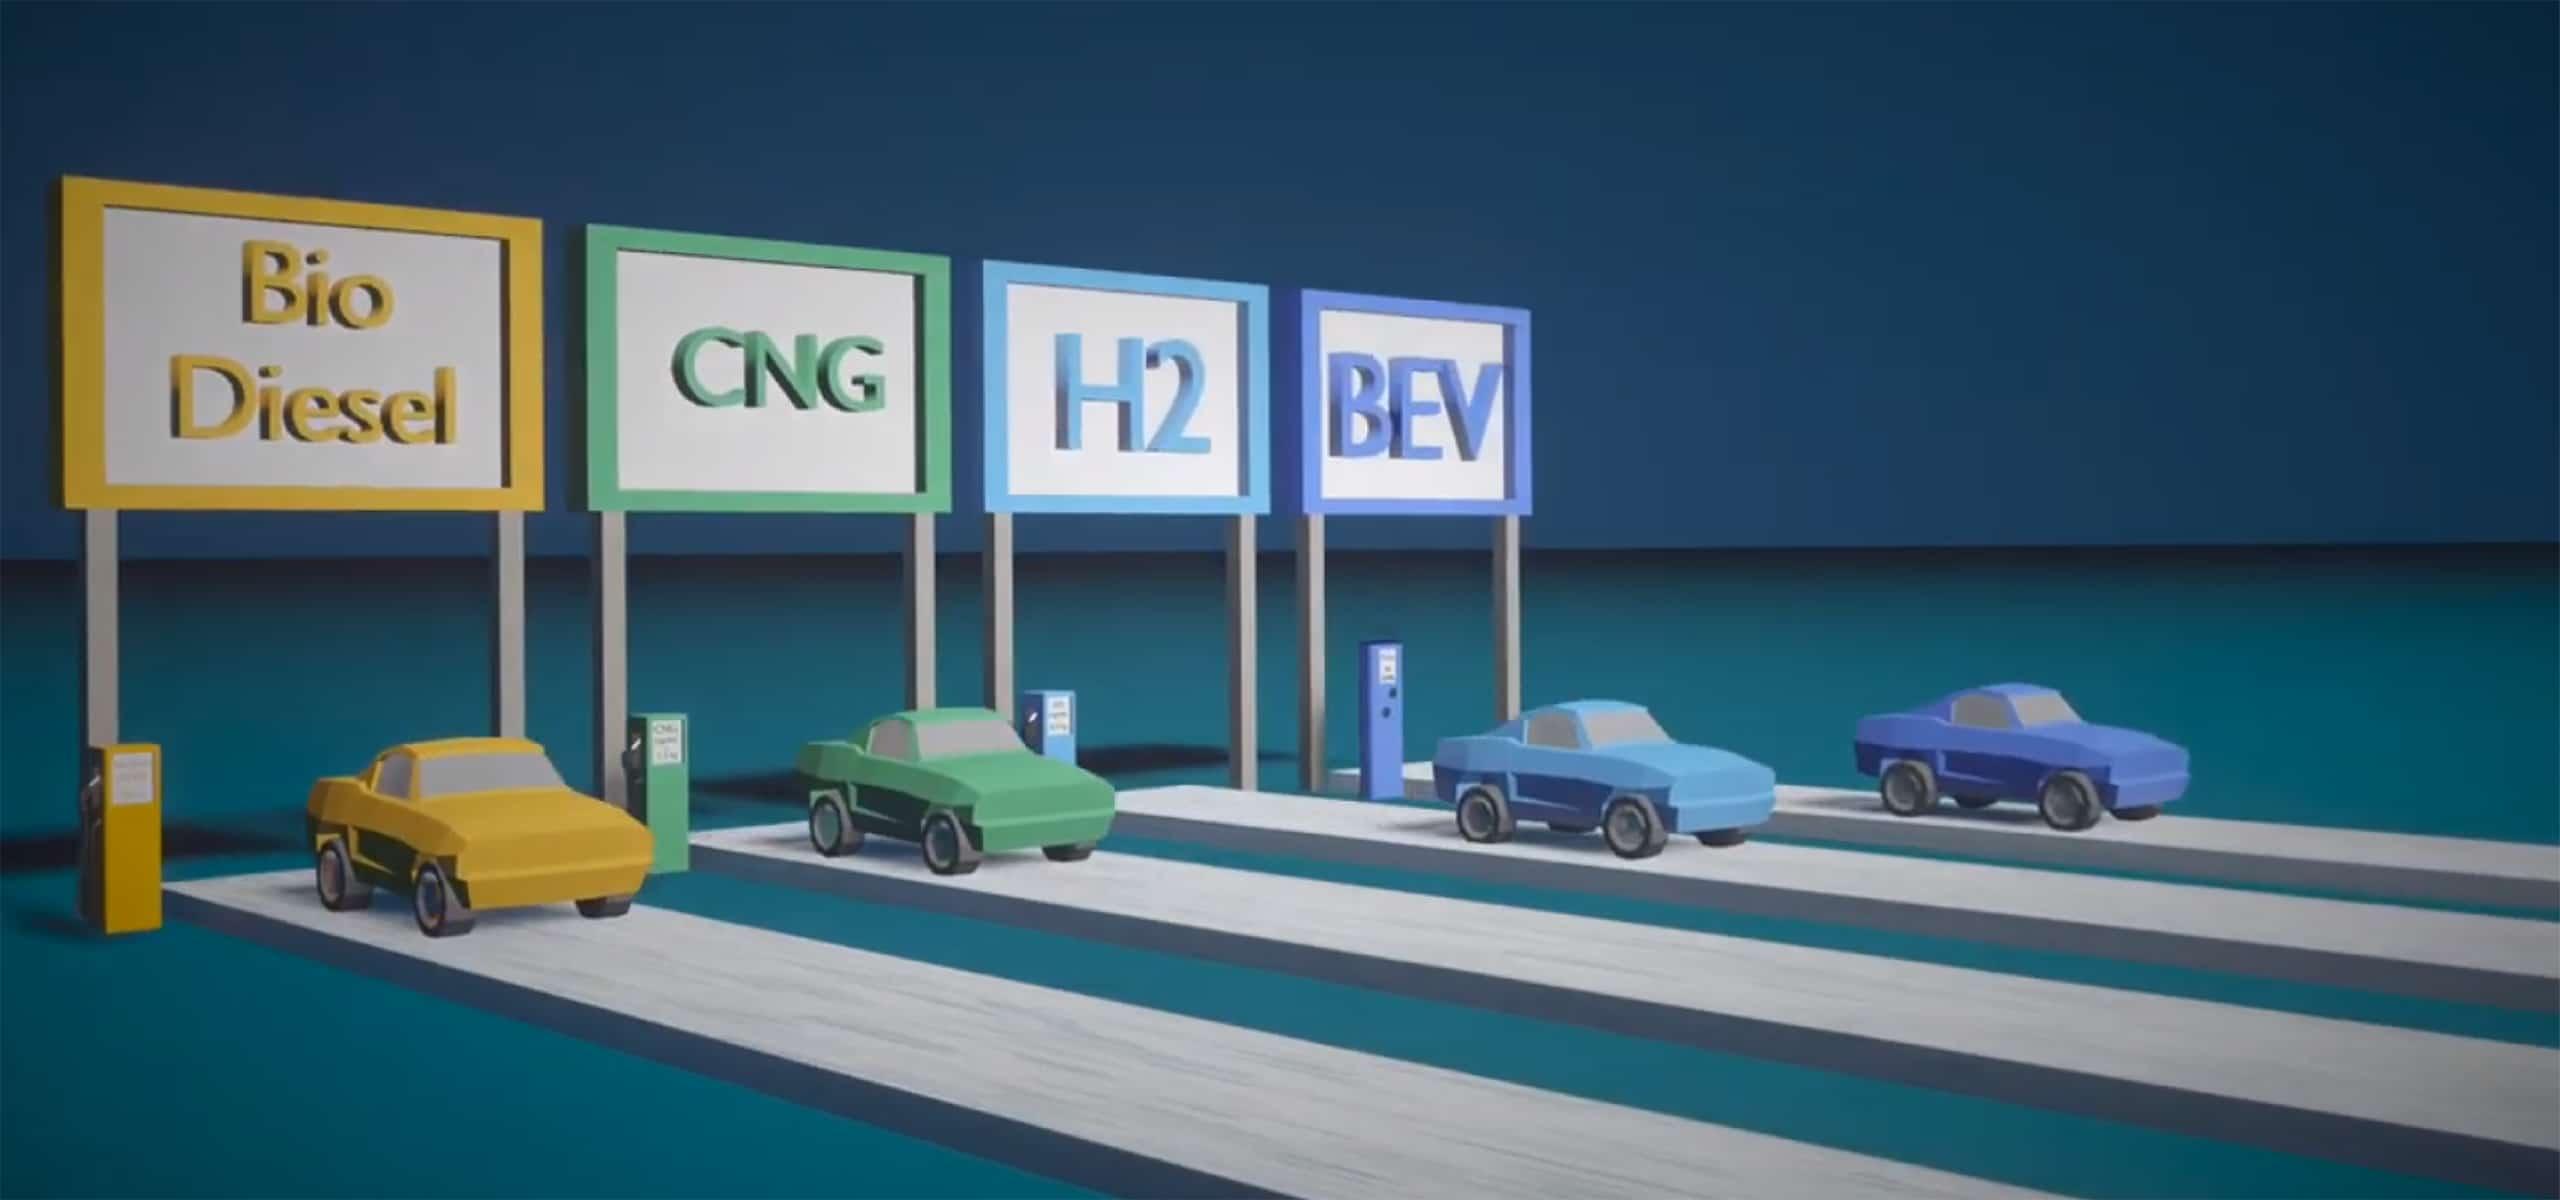 Hoe ver komt u met 16 kWh in uw tank of accu